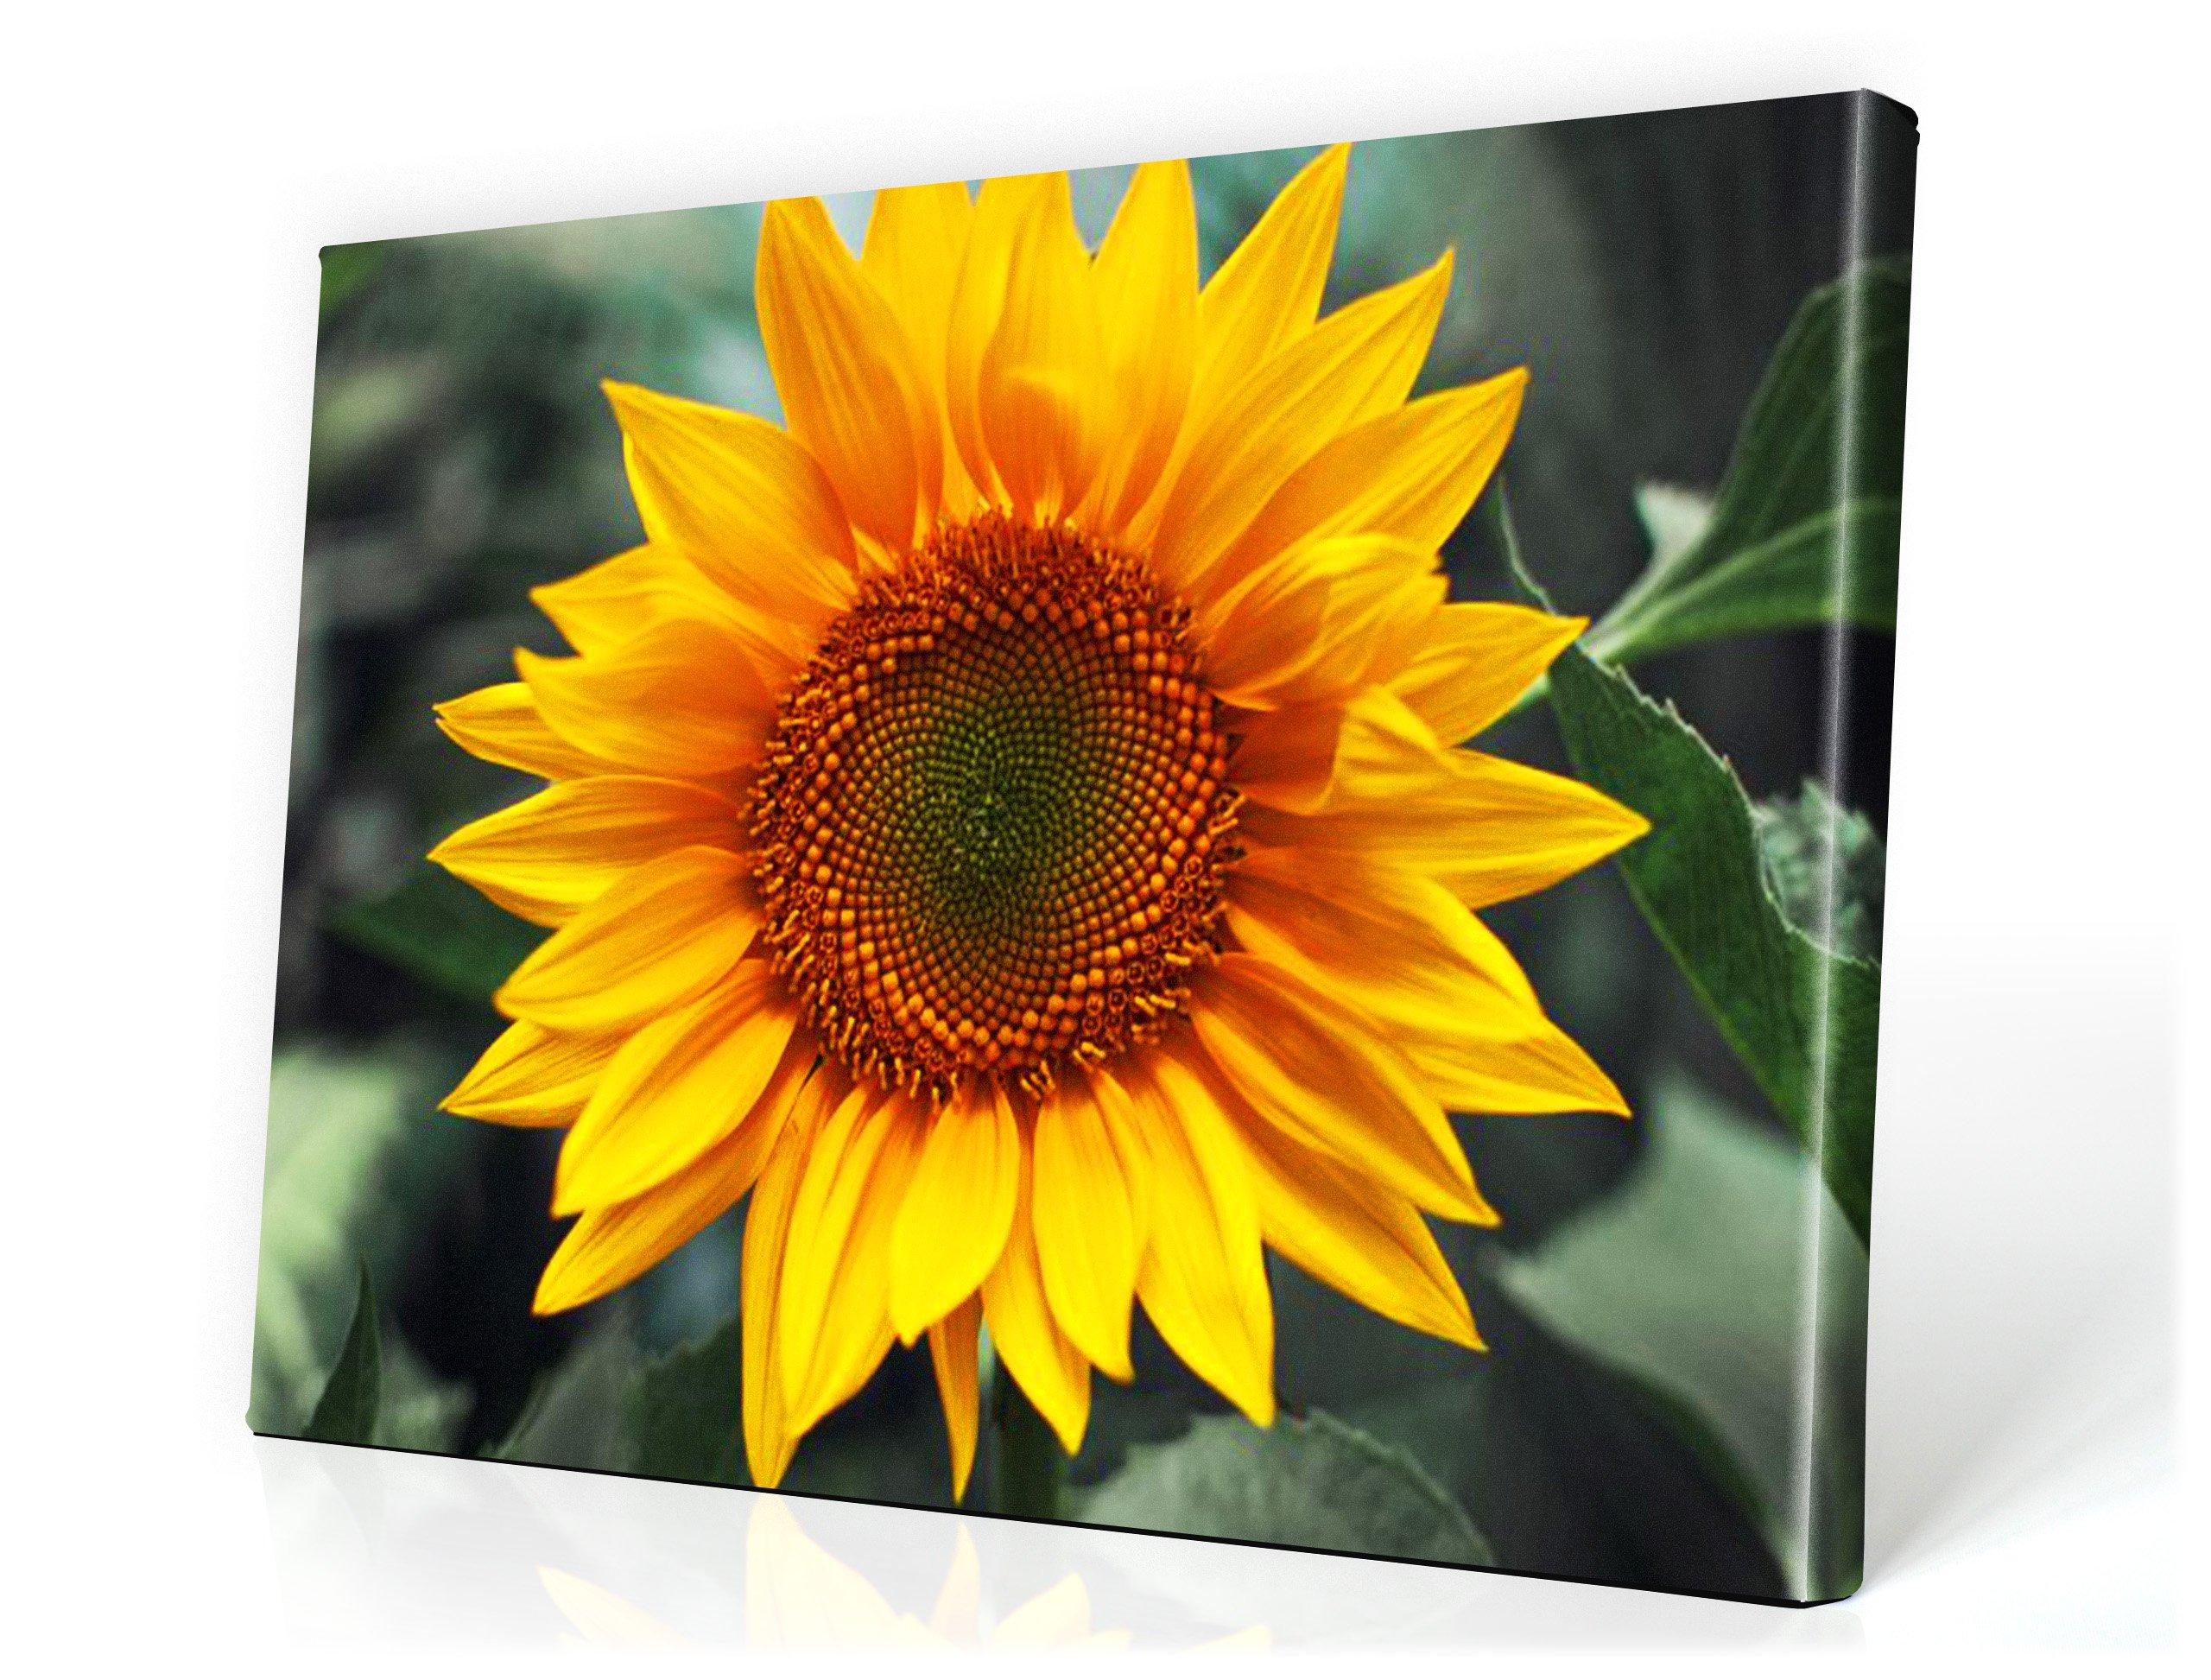 Obrázok 120x80 Kvety Slnečnicové kúpele Snímky